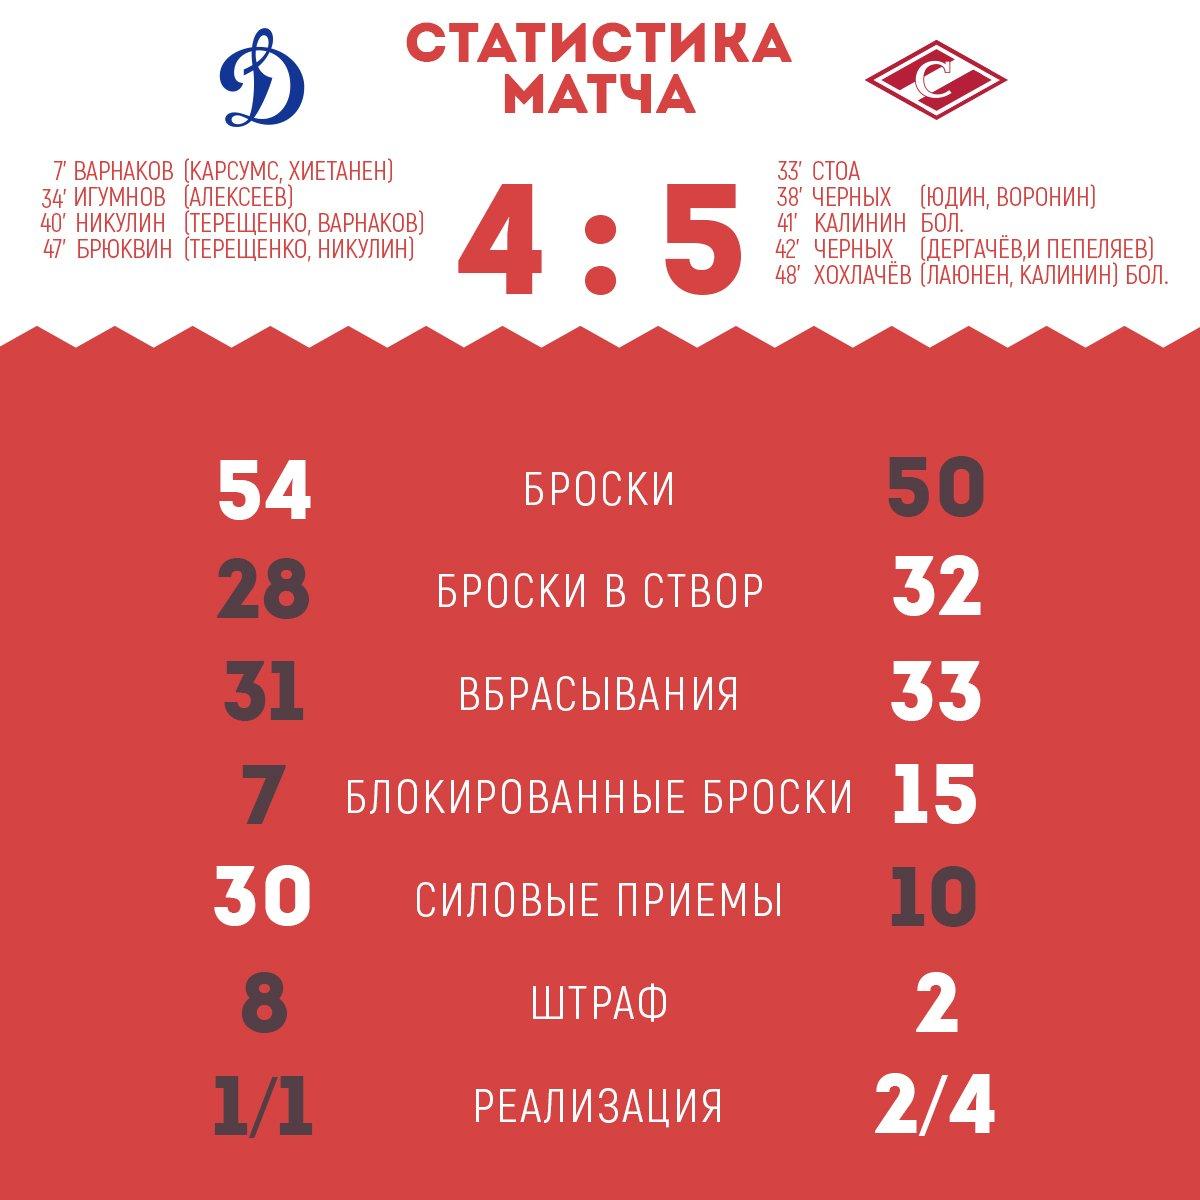 Статистика матча «Динамо» - «Спартак» 4:5